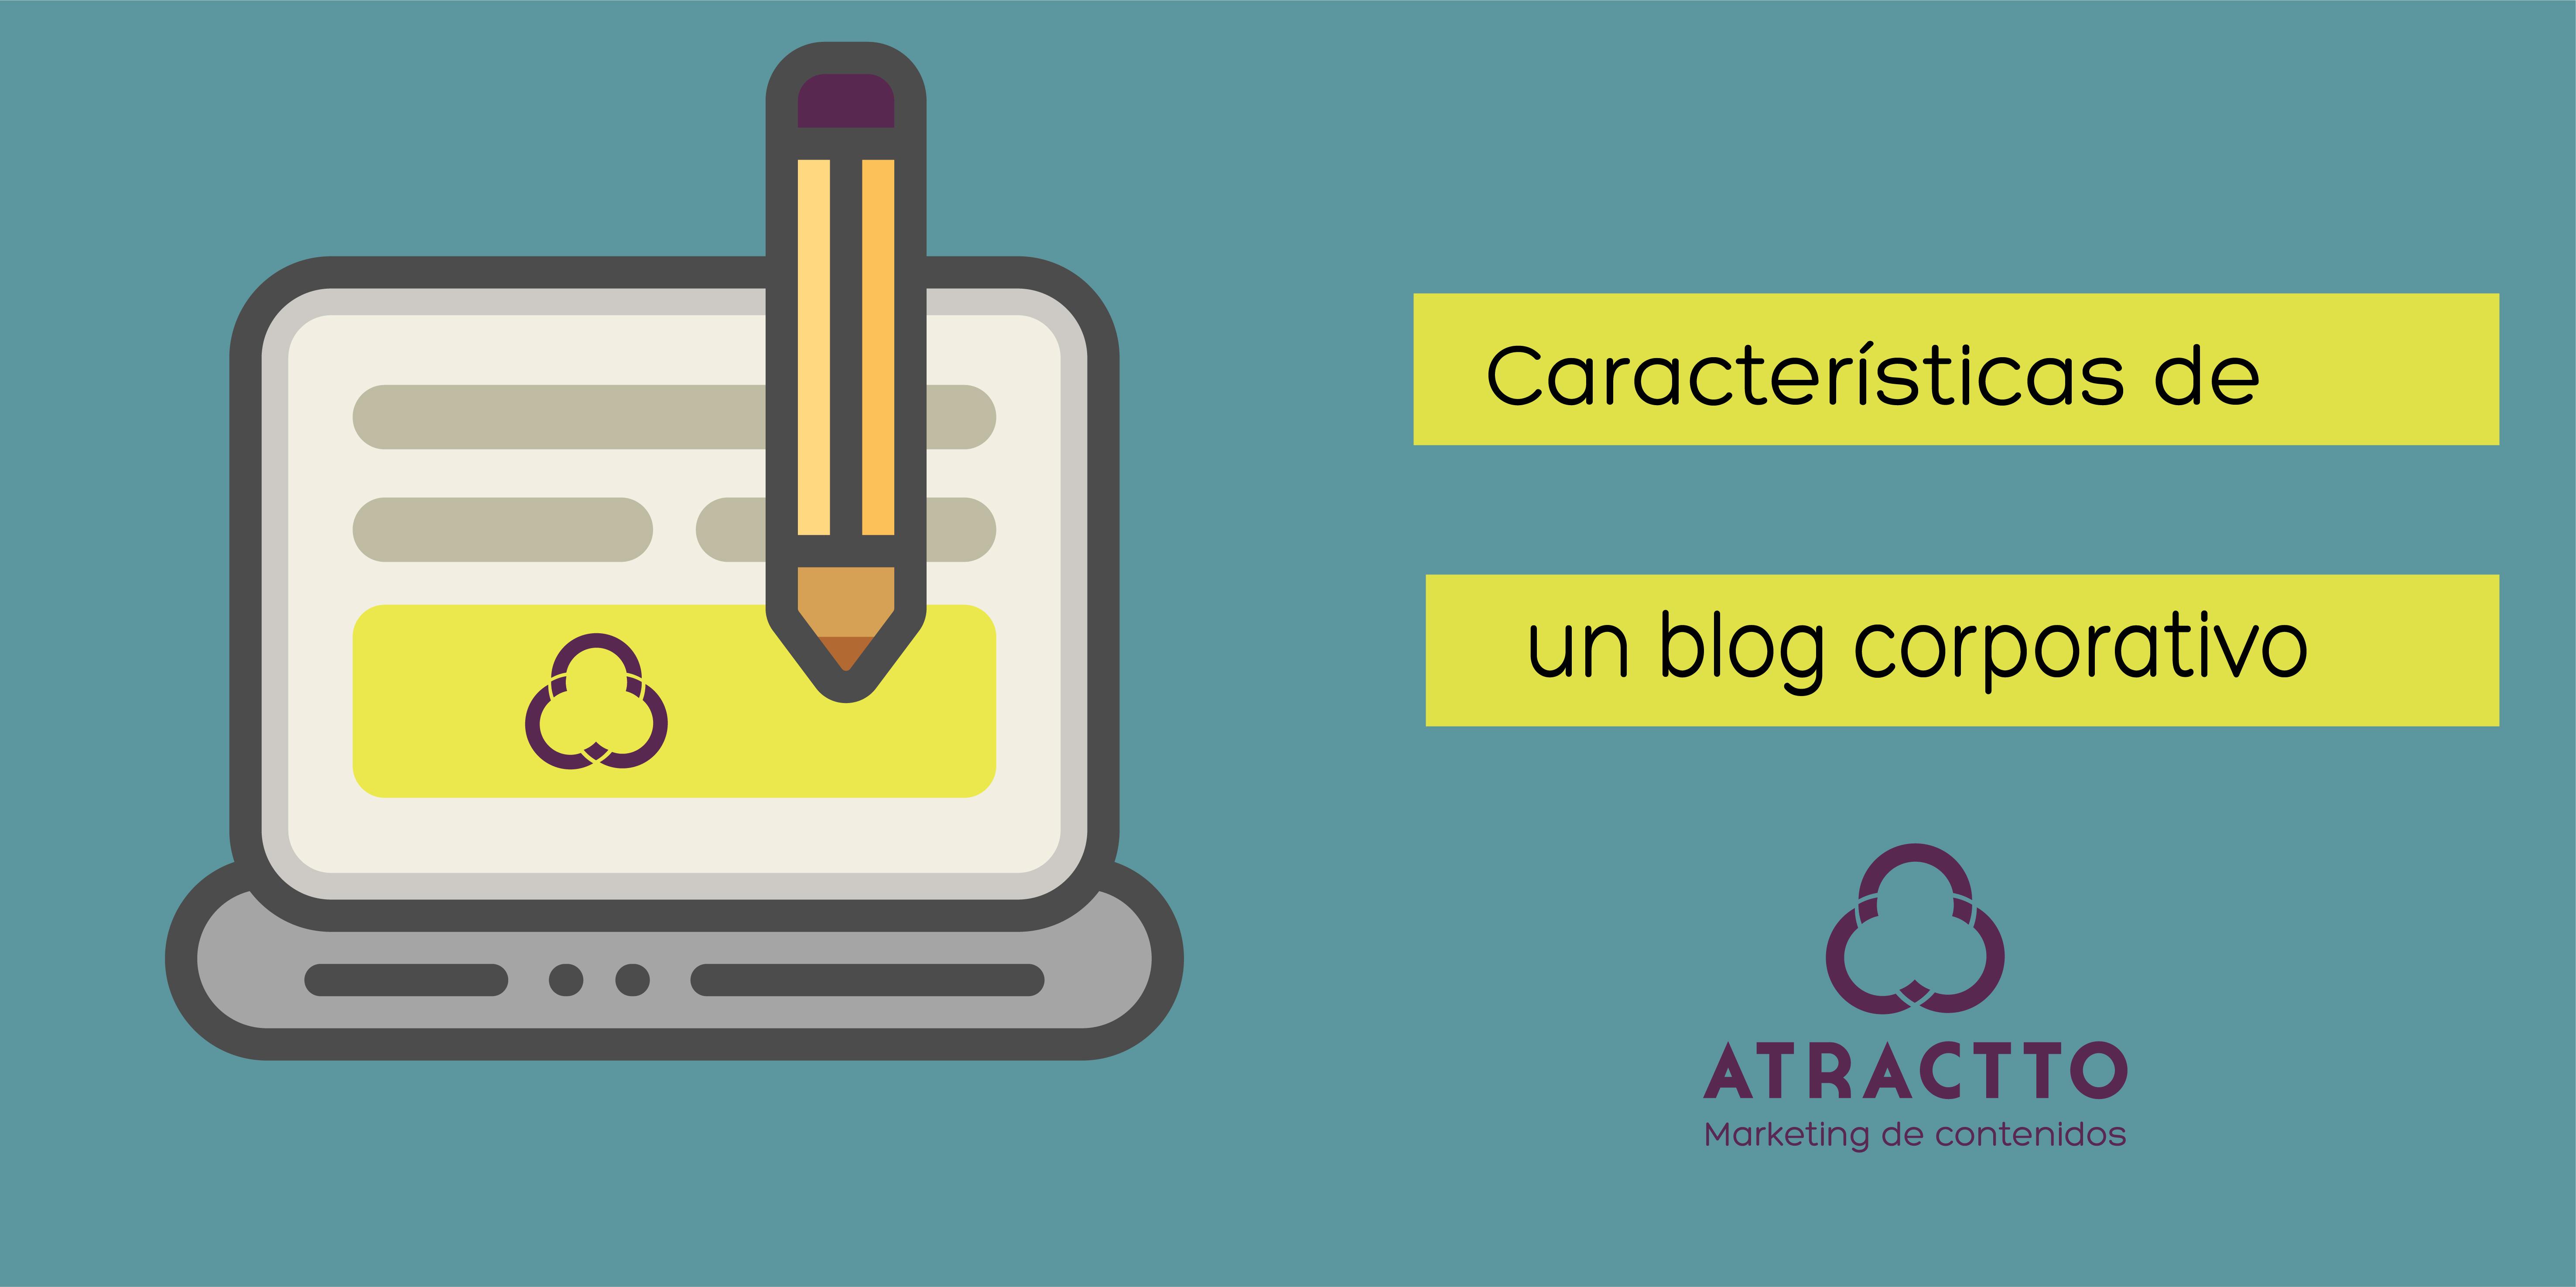 características de un blog corporativo